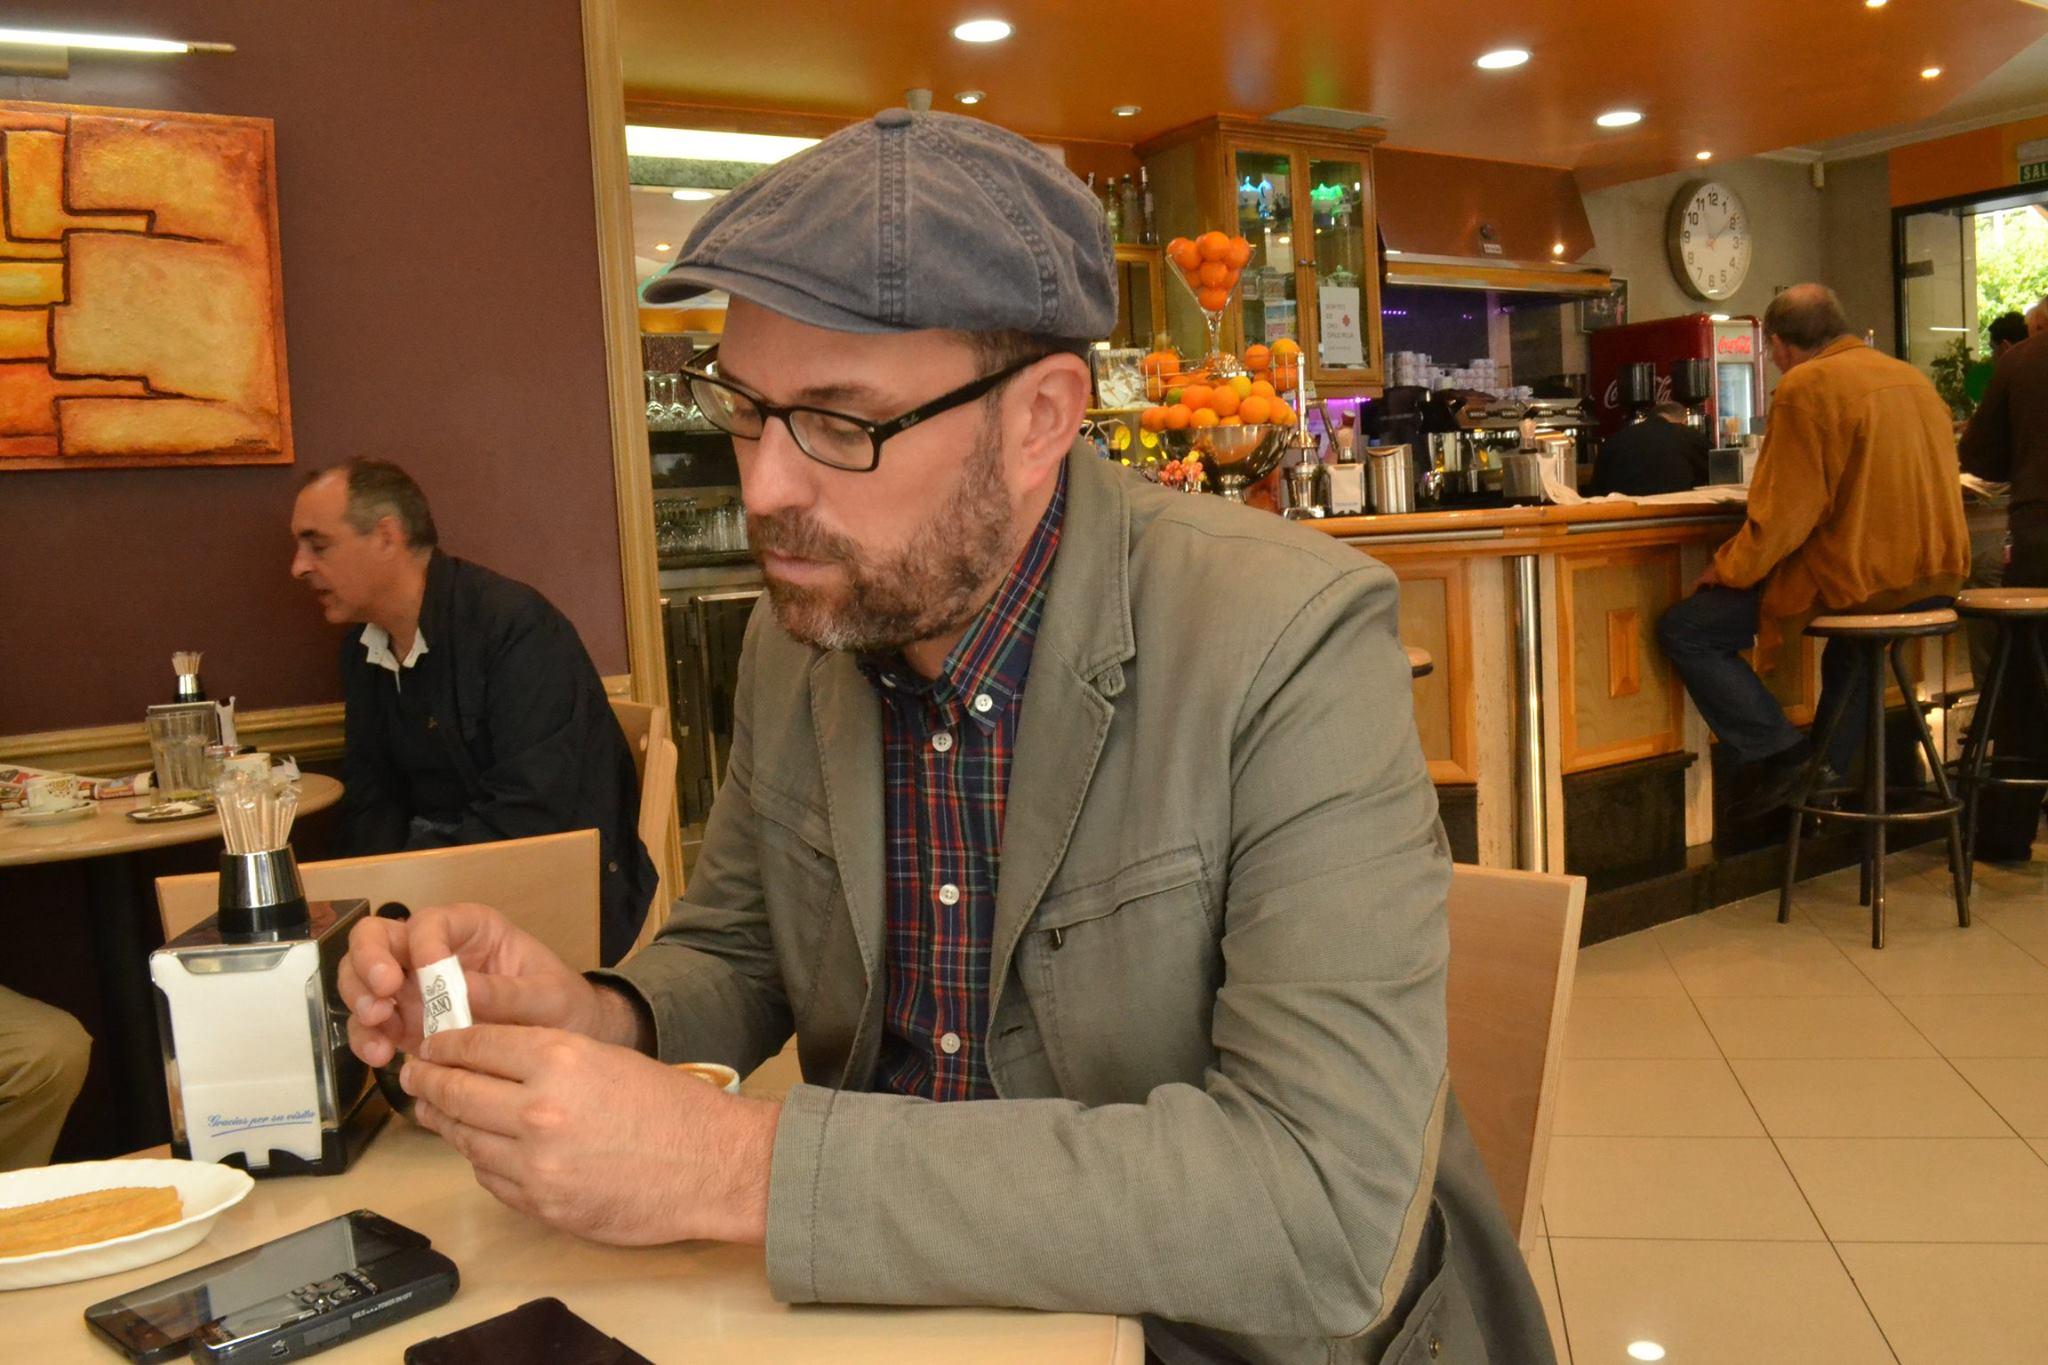 Noriega xoga cunha bolsiña de azucre mentras fala, con tranquilidade. Está curtido en mil entrevistas | ©Andrea Oca